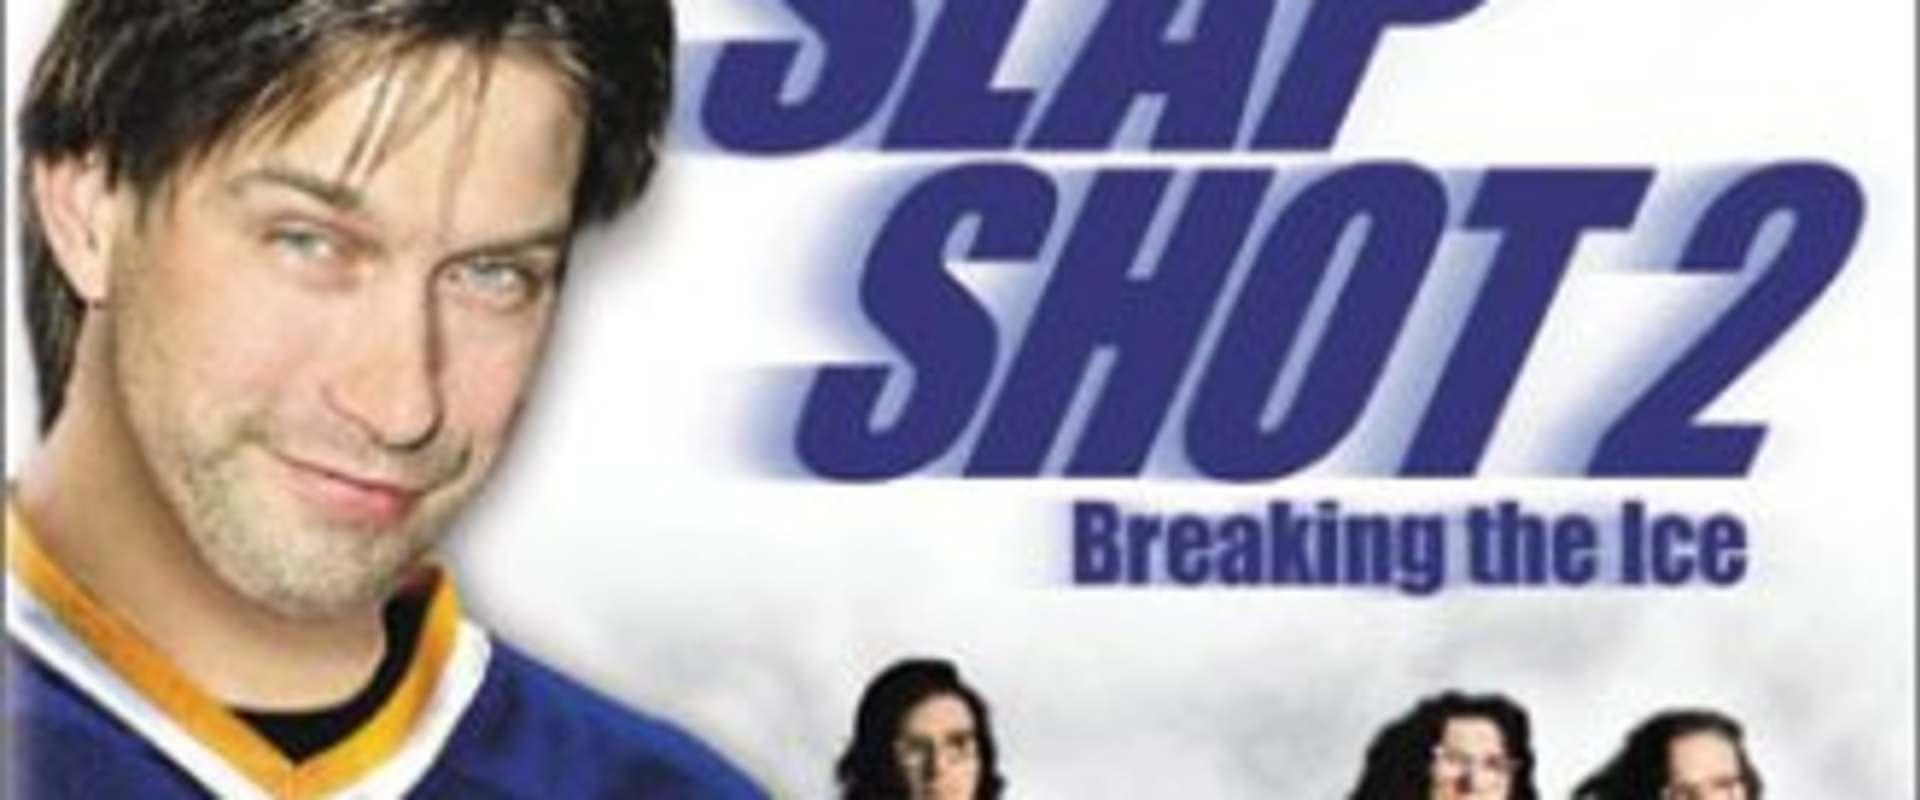 Watch slapshot movie online